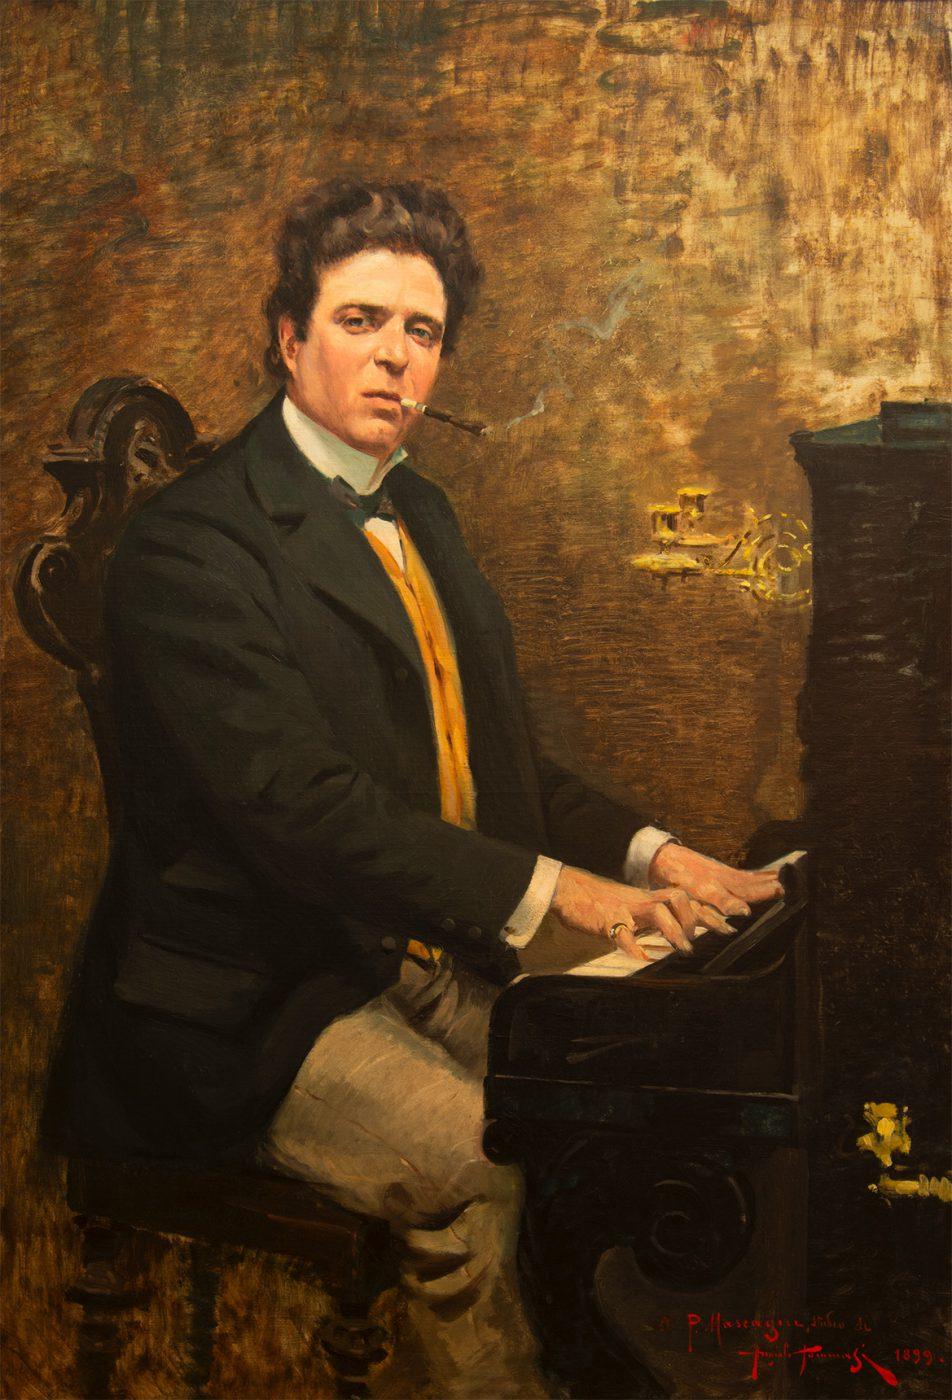 Ritratto di Pietro Mascagni